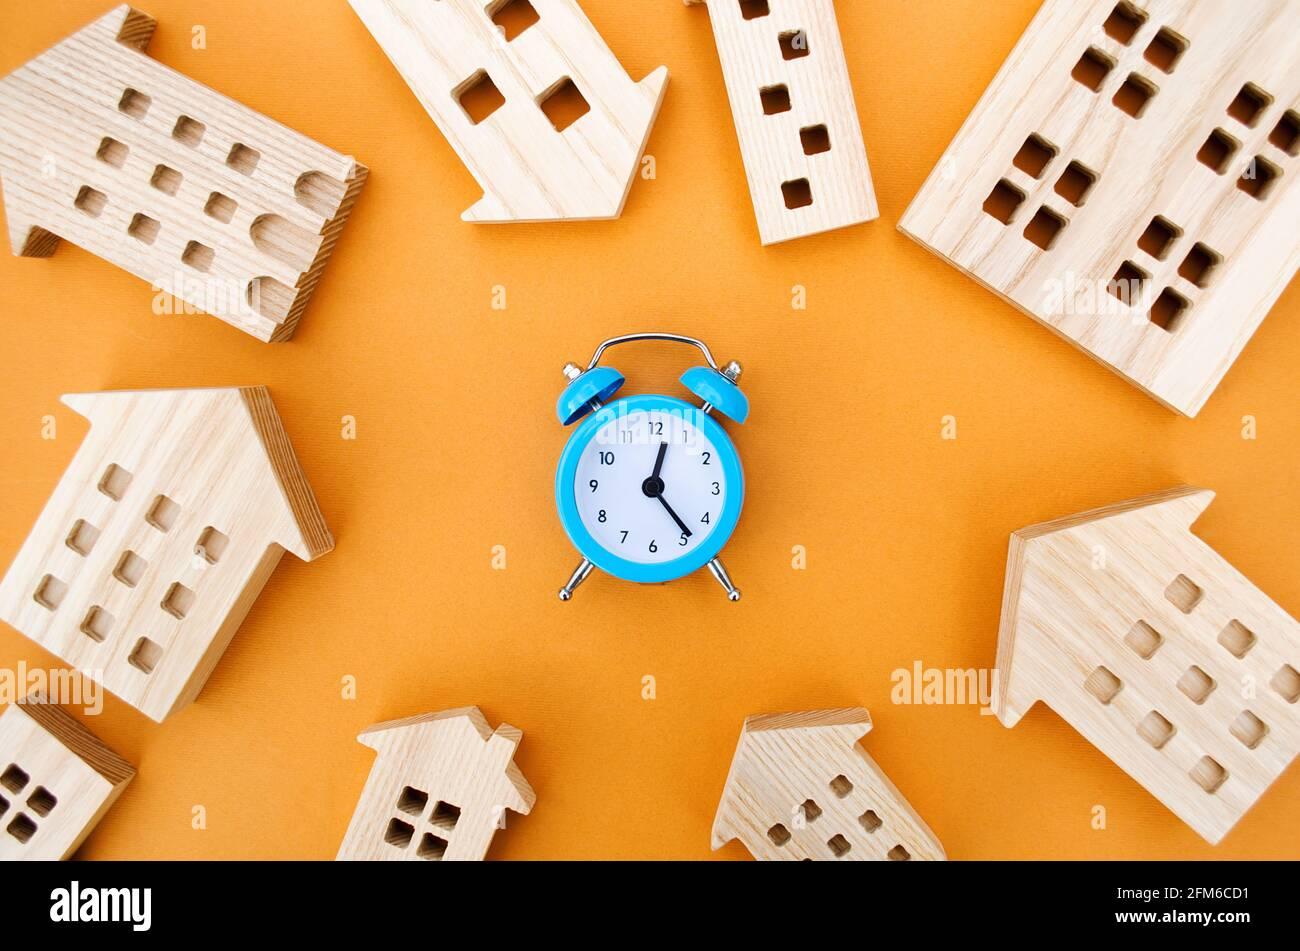 Un reloj despertador azul y muchas casas de madera alrededor. Concepto de hipoteca y préstamo. Bienes raíces y riesgos. Seguro de propiedad. Crédito. Pago de impuestos. Utilidades Foto de stock